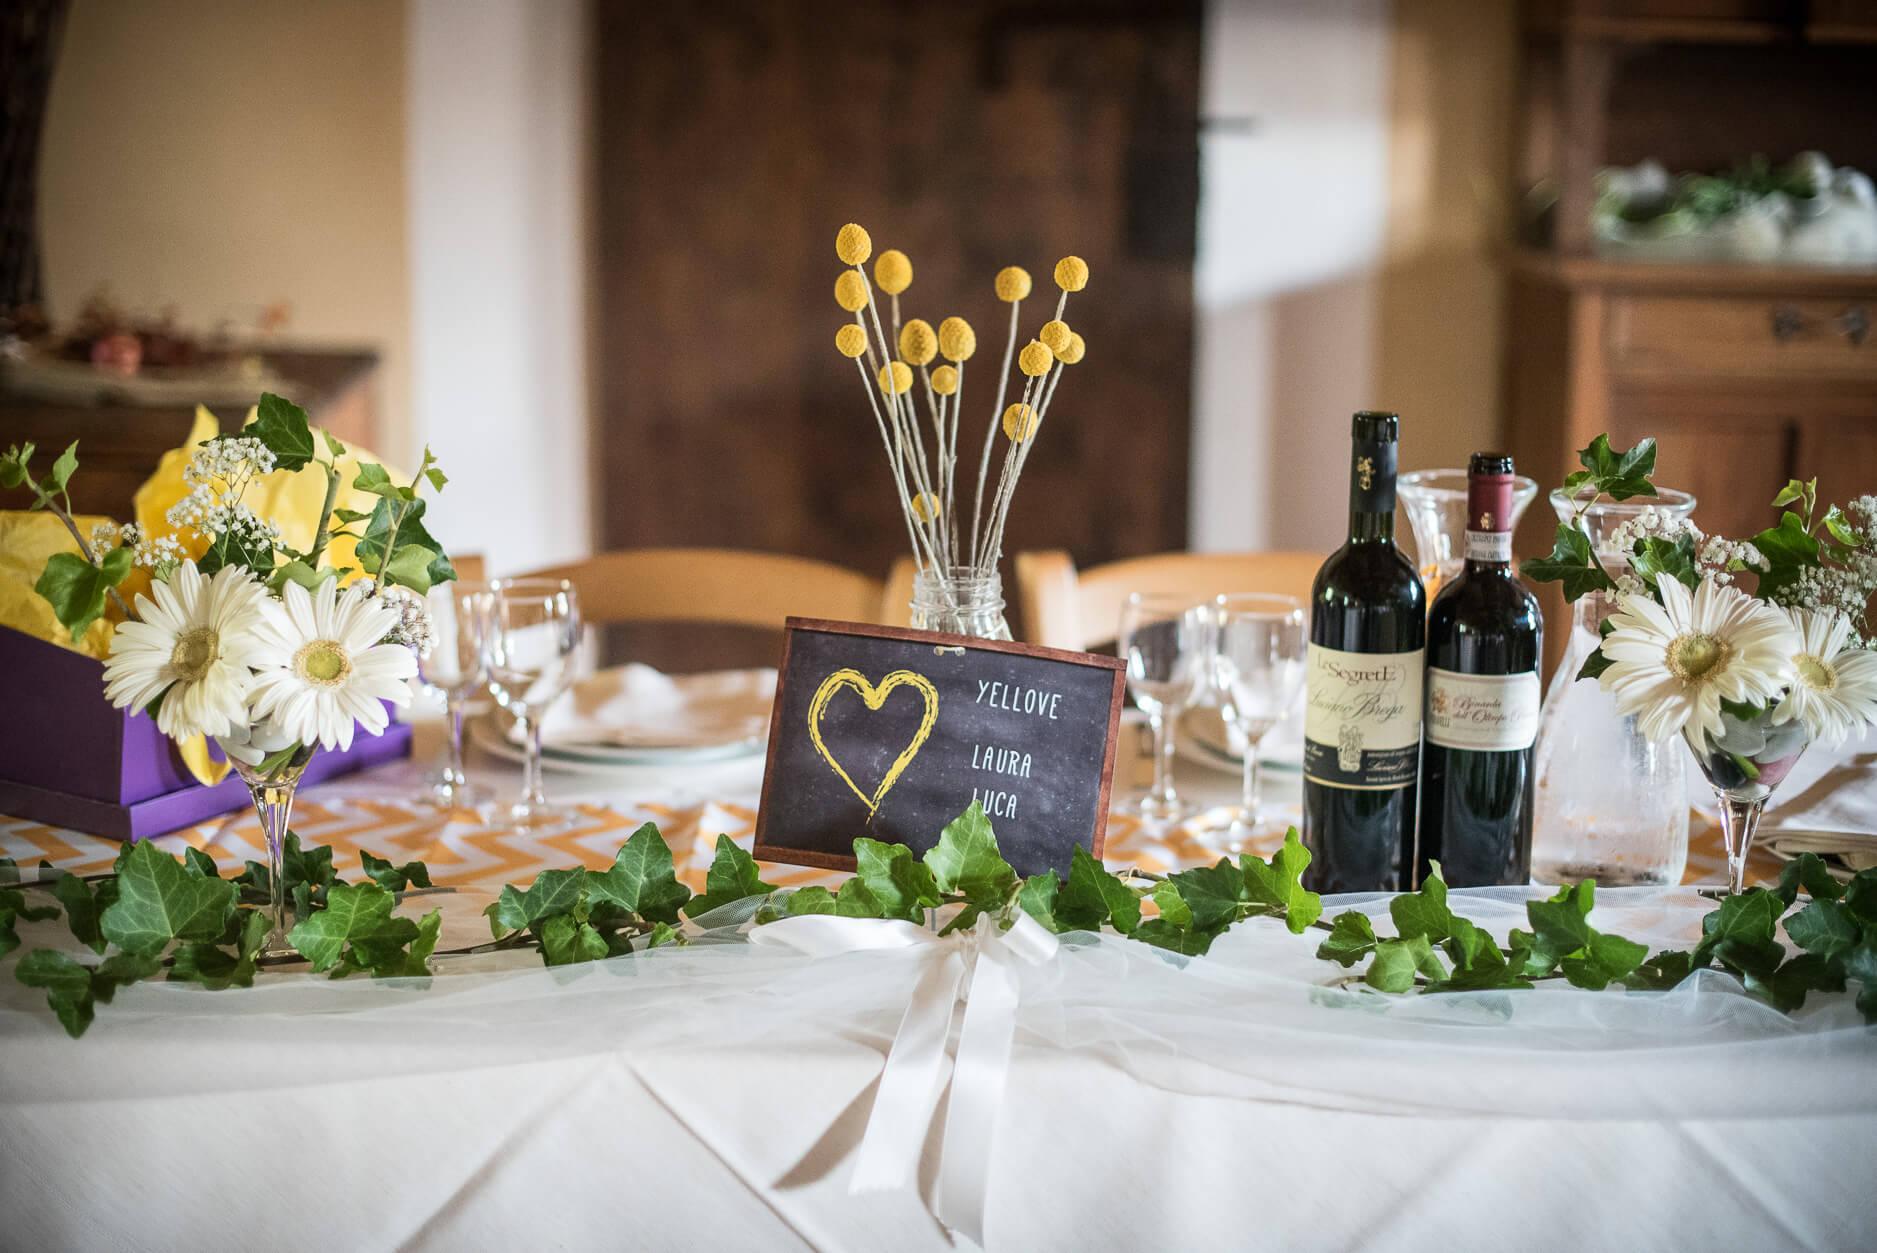 Matrimonio Tema Grecia : Tema del matrimonio quale scegliere ecco idee